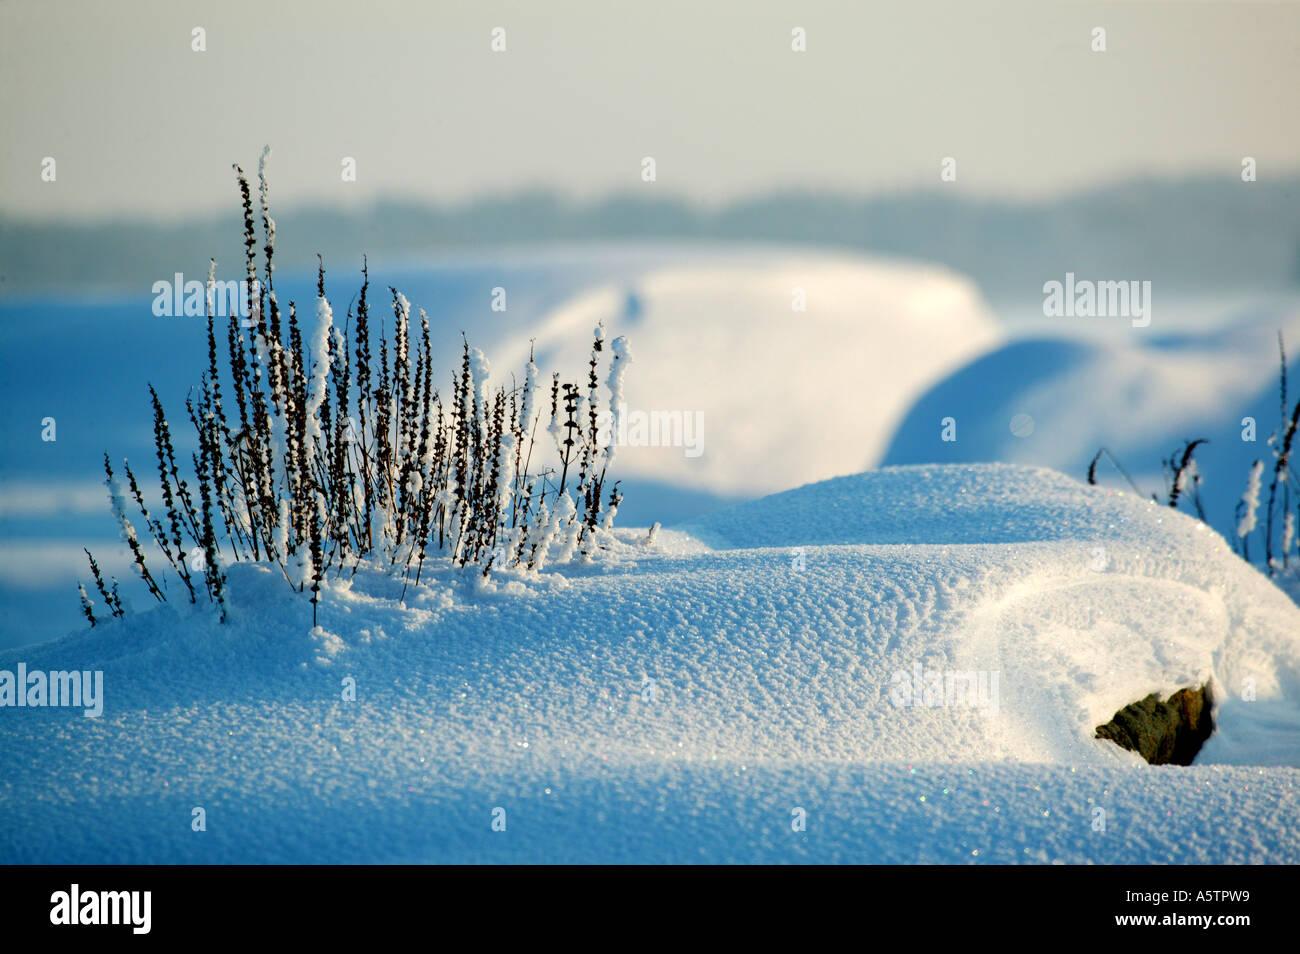 Winter Abend an der kleinen Inseln im See Moskjaera Råde Vansjø, Kommune, Østfold fylke, Norwegen. Stockbild